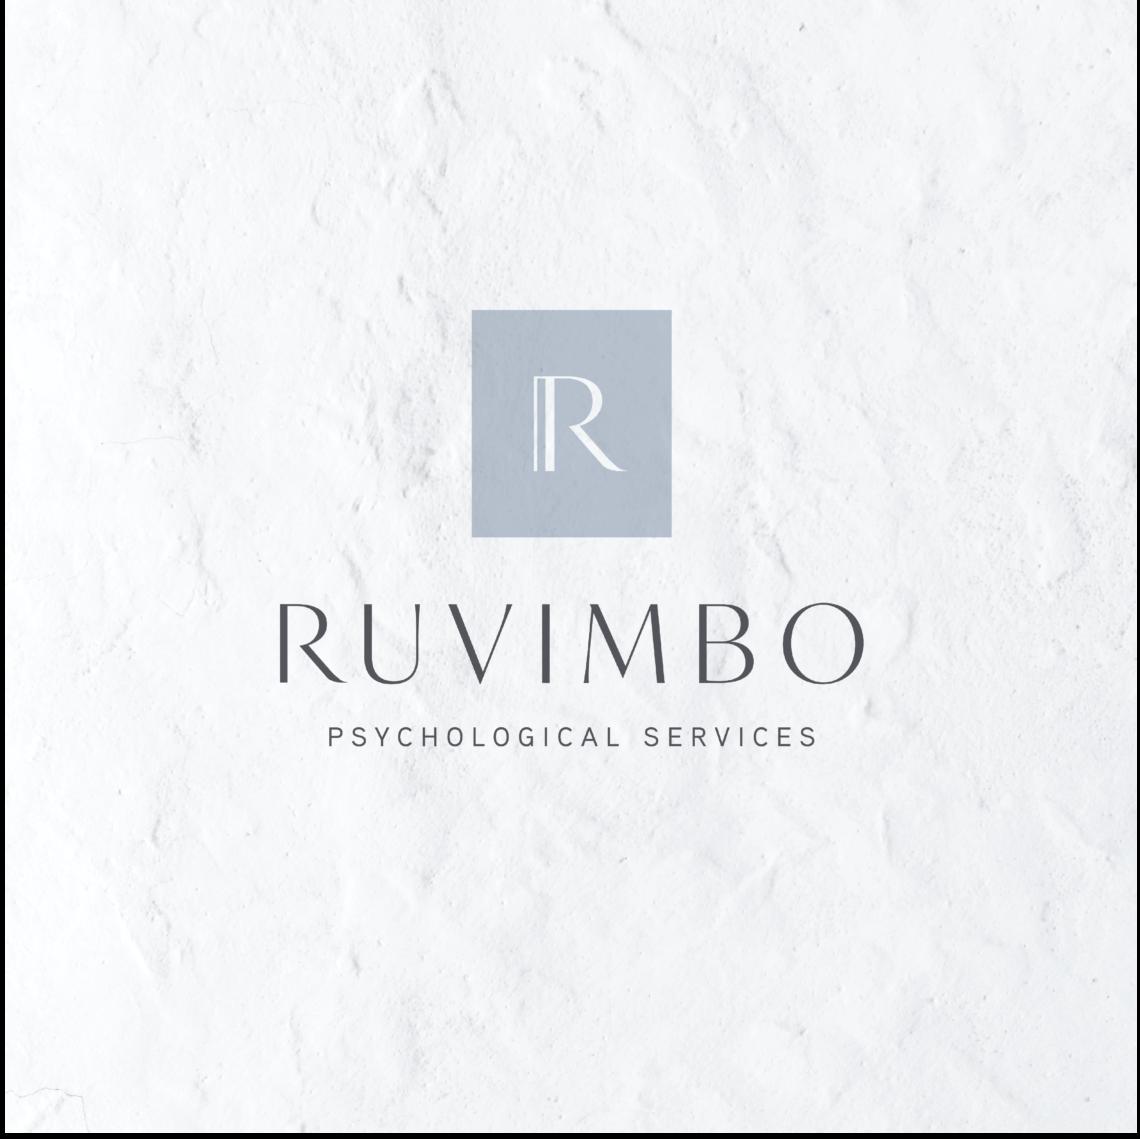 Ruvimbo_logo